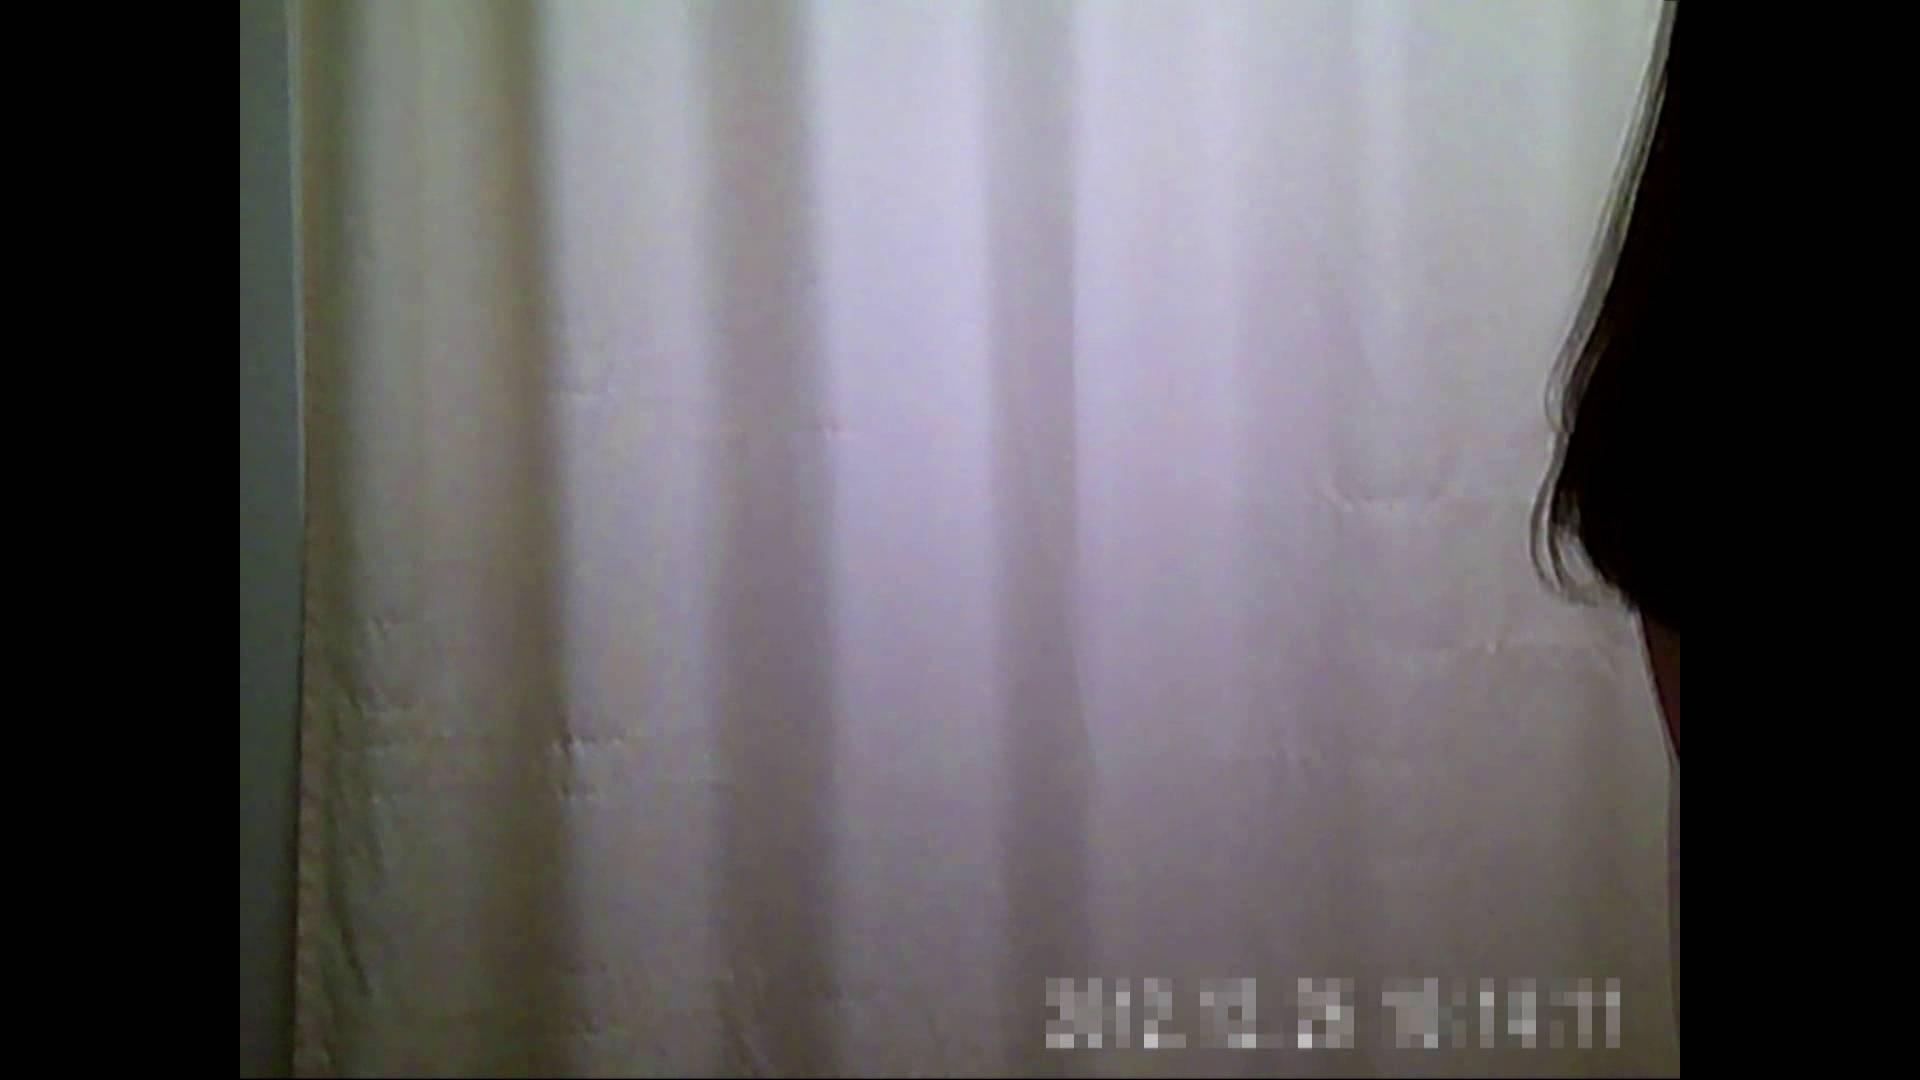 元医者による反抗 更衣室地獄絵巻 vol.112 OL | 0  66連発 7